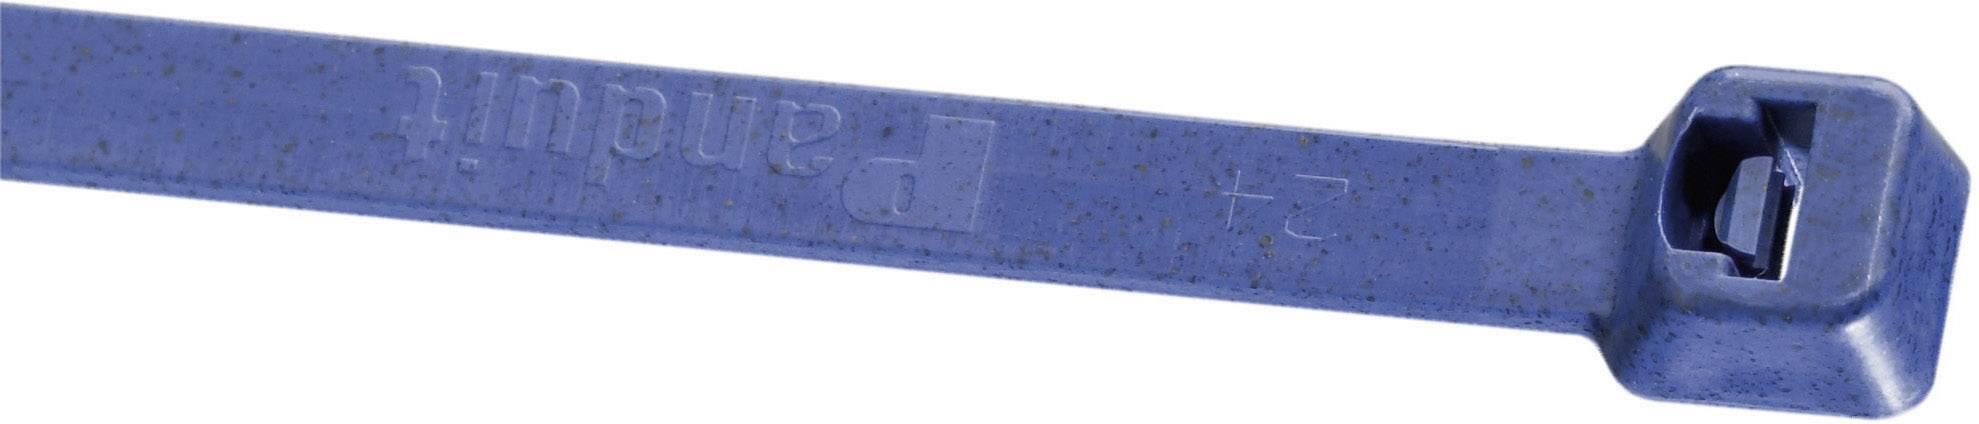 Sťahovacie pásky Panduit PLT2S-C186 A6B, 186 mm, modrá, 1 ks